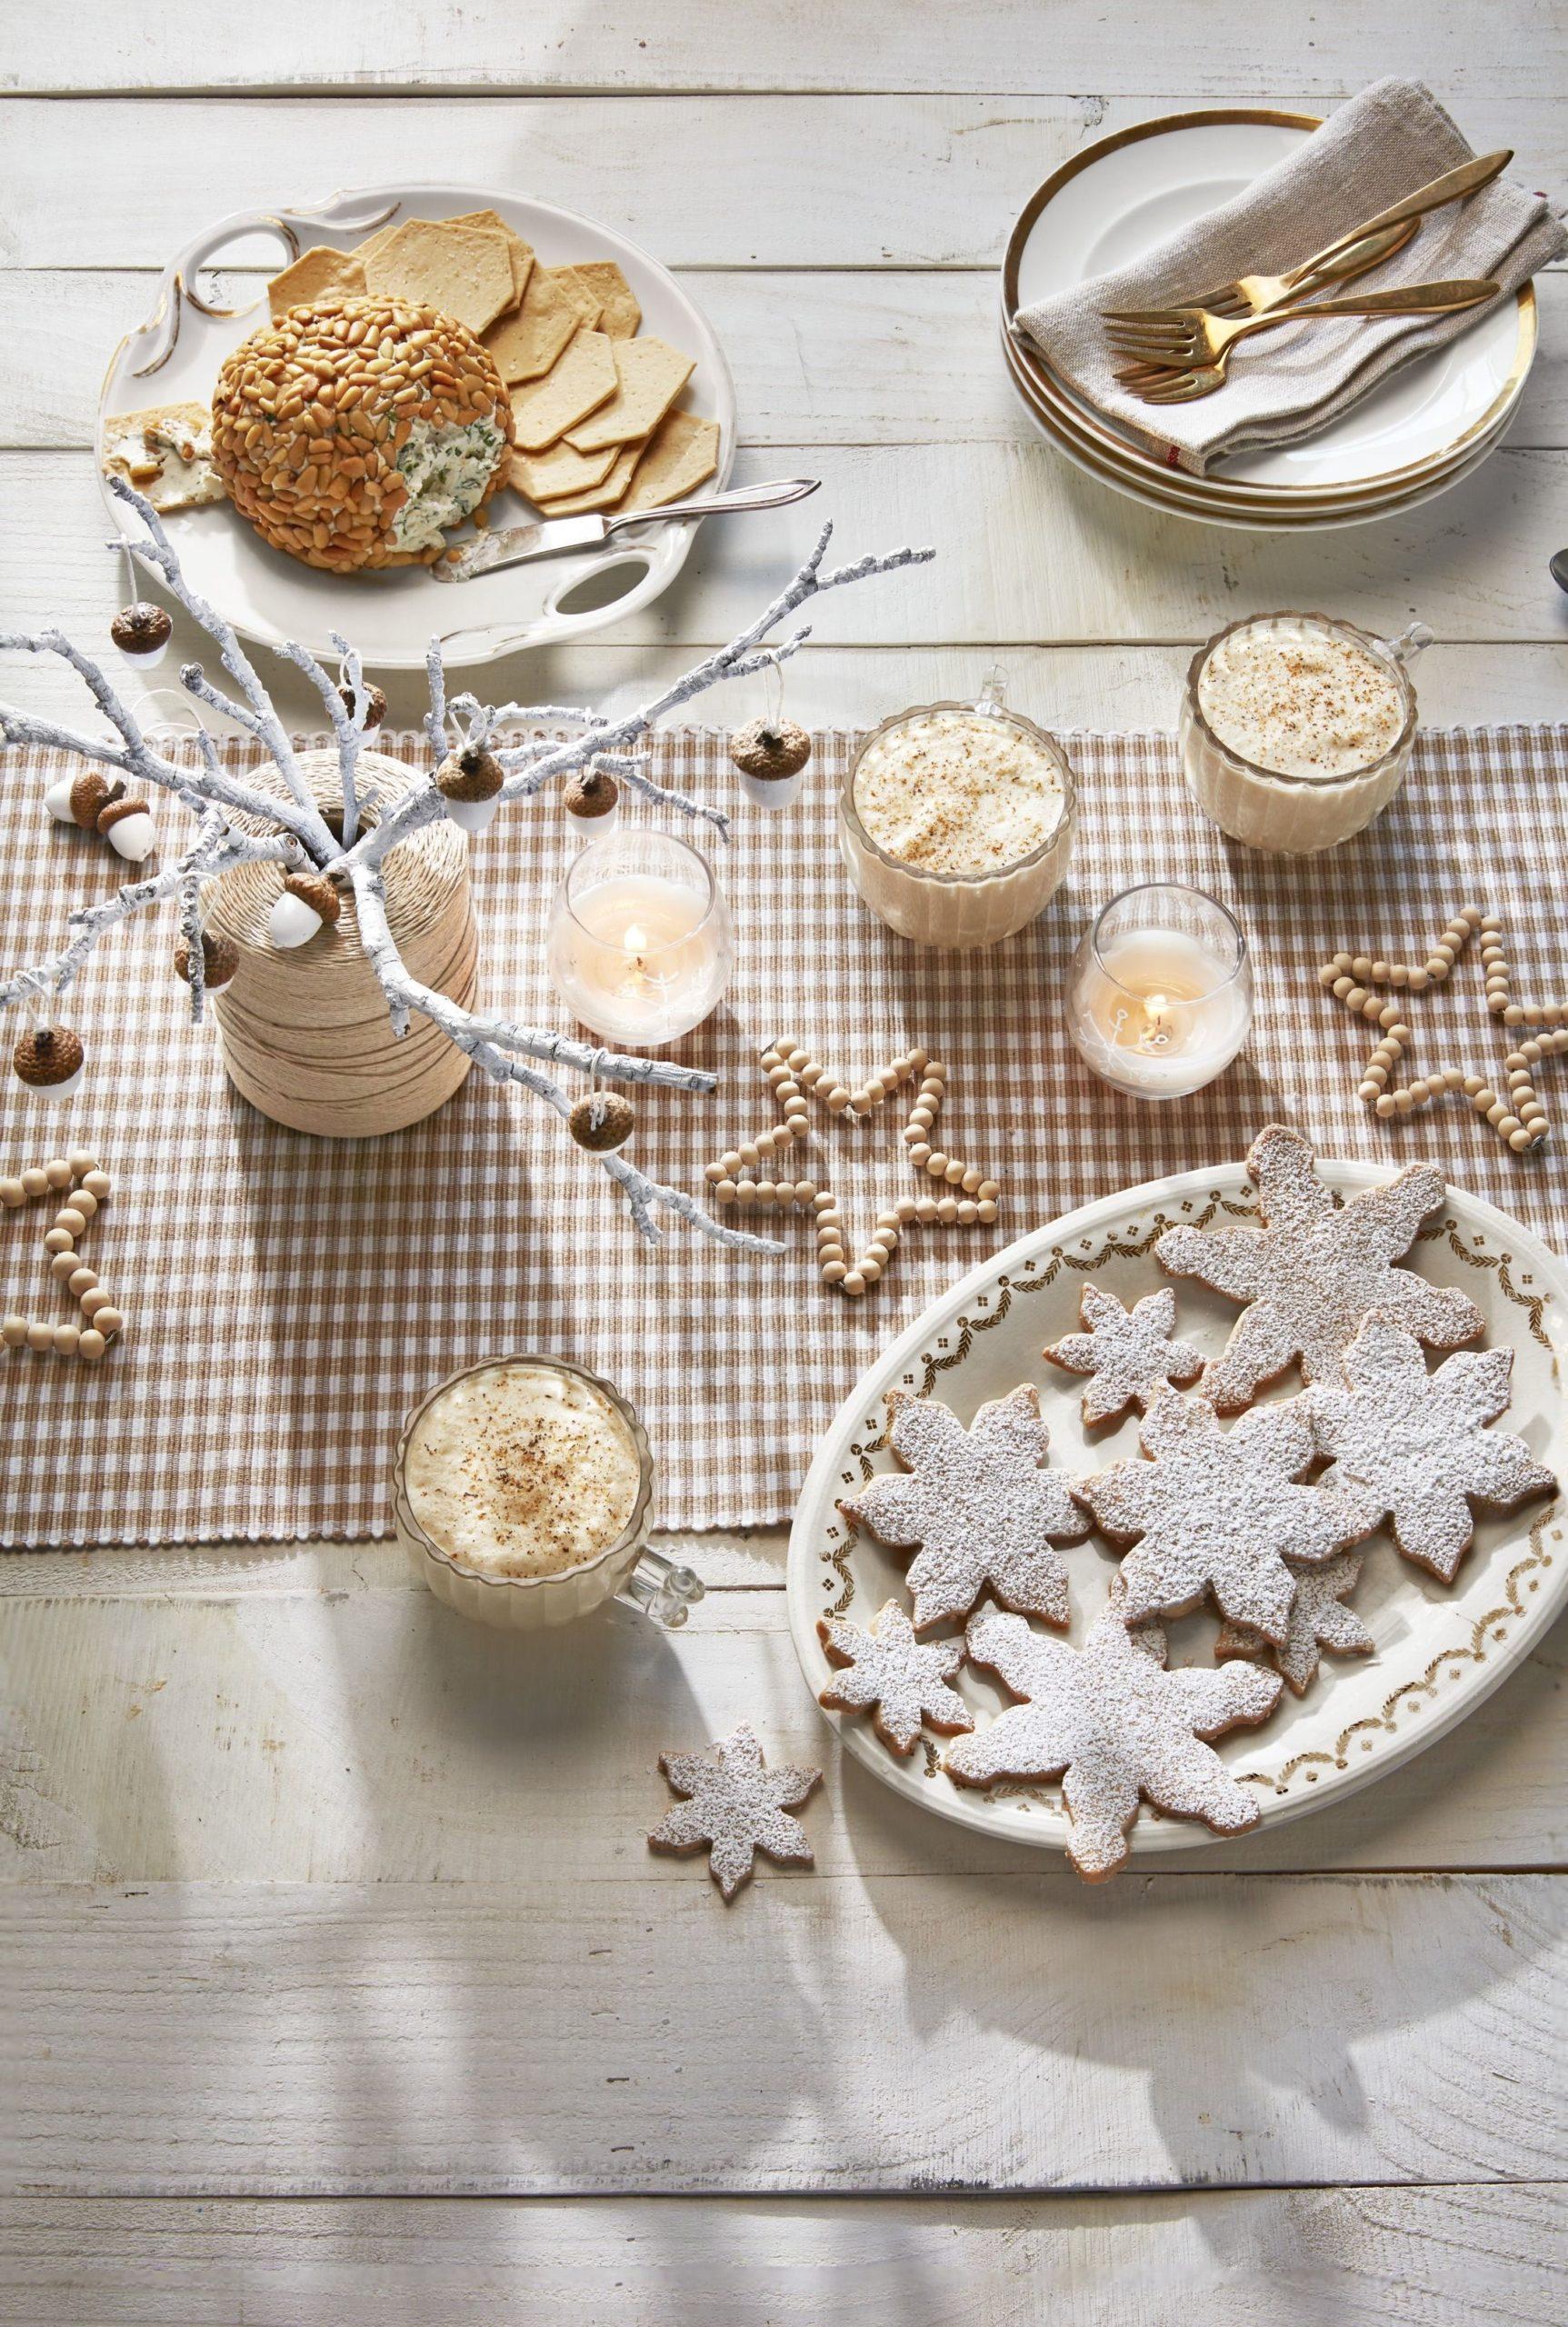 Activité manuelle de Noël: Perles en bois en forme d'étoiles.